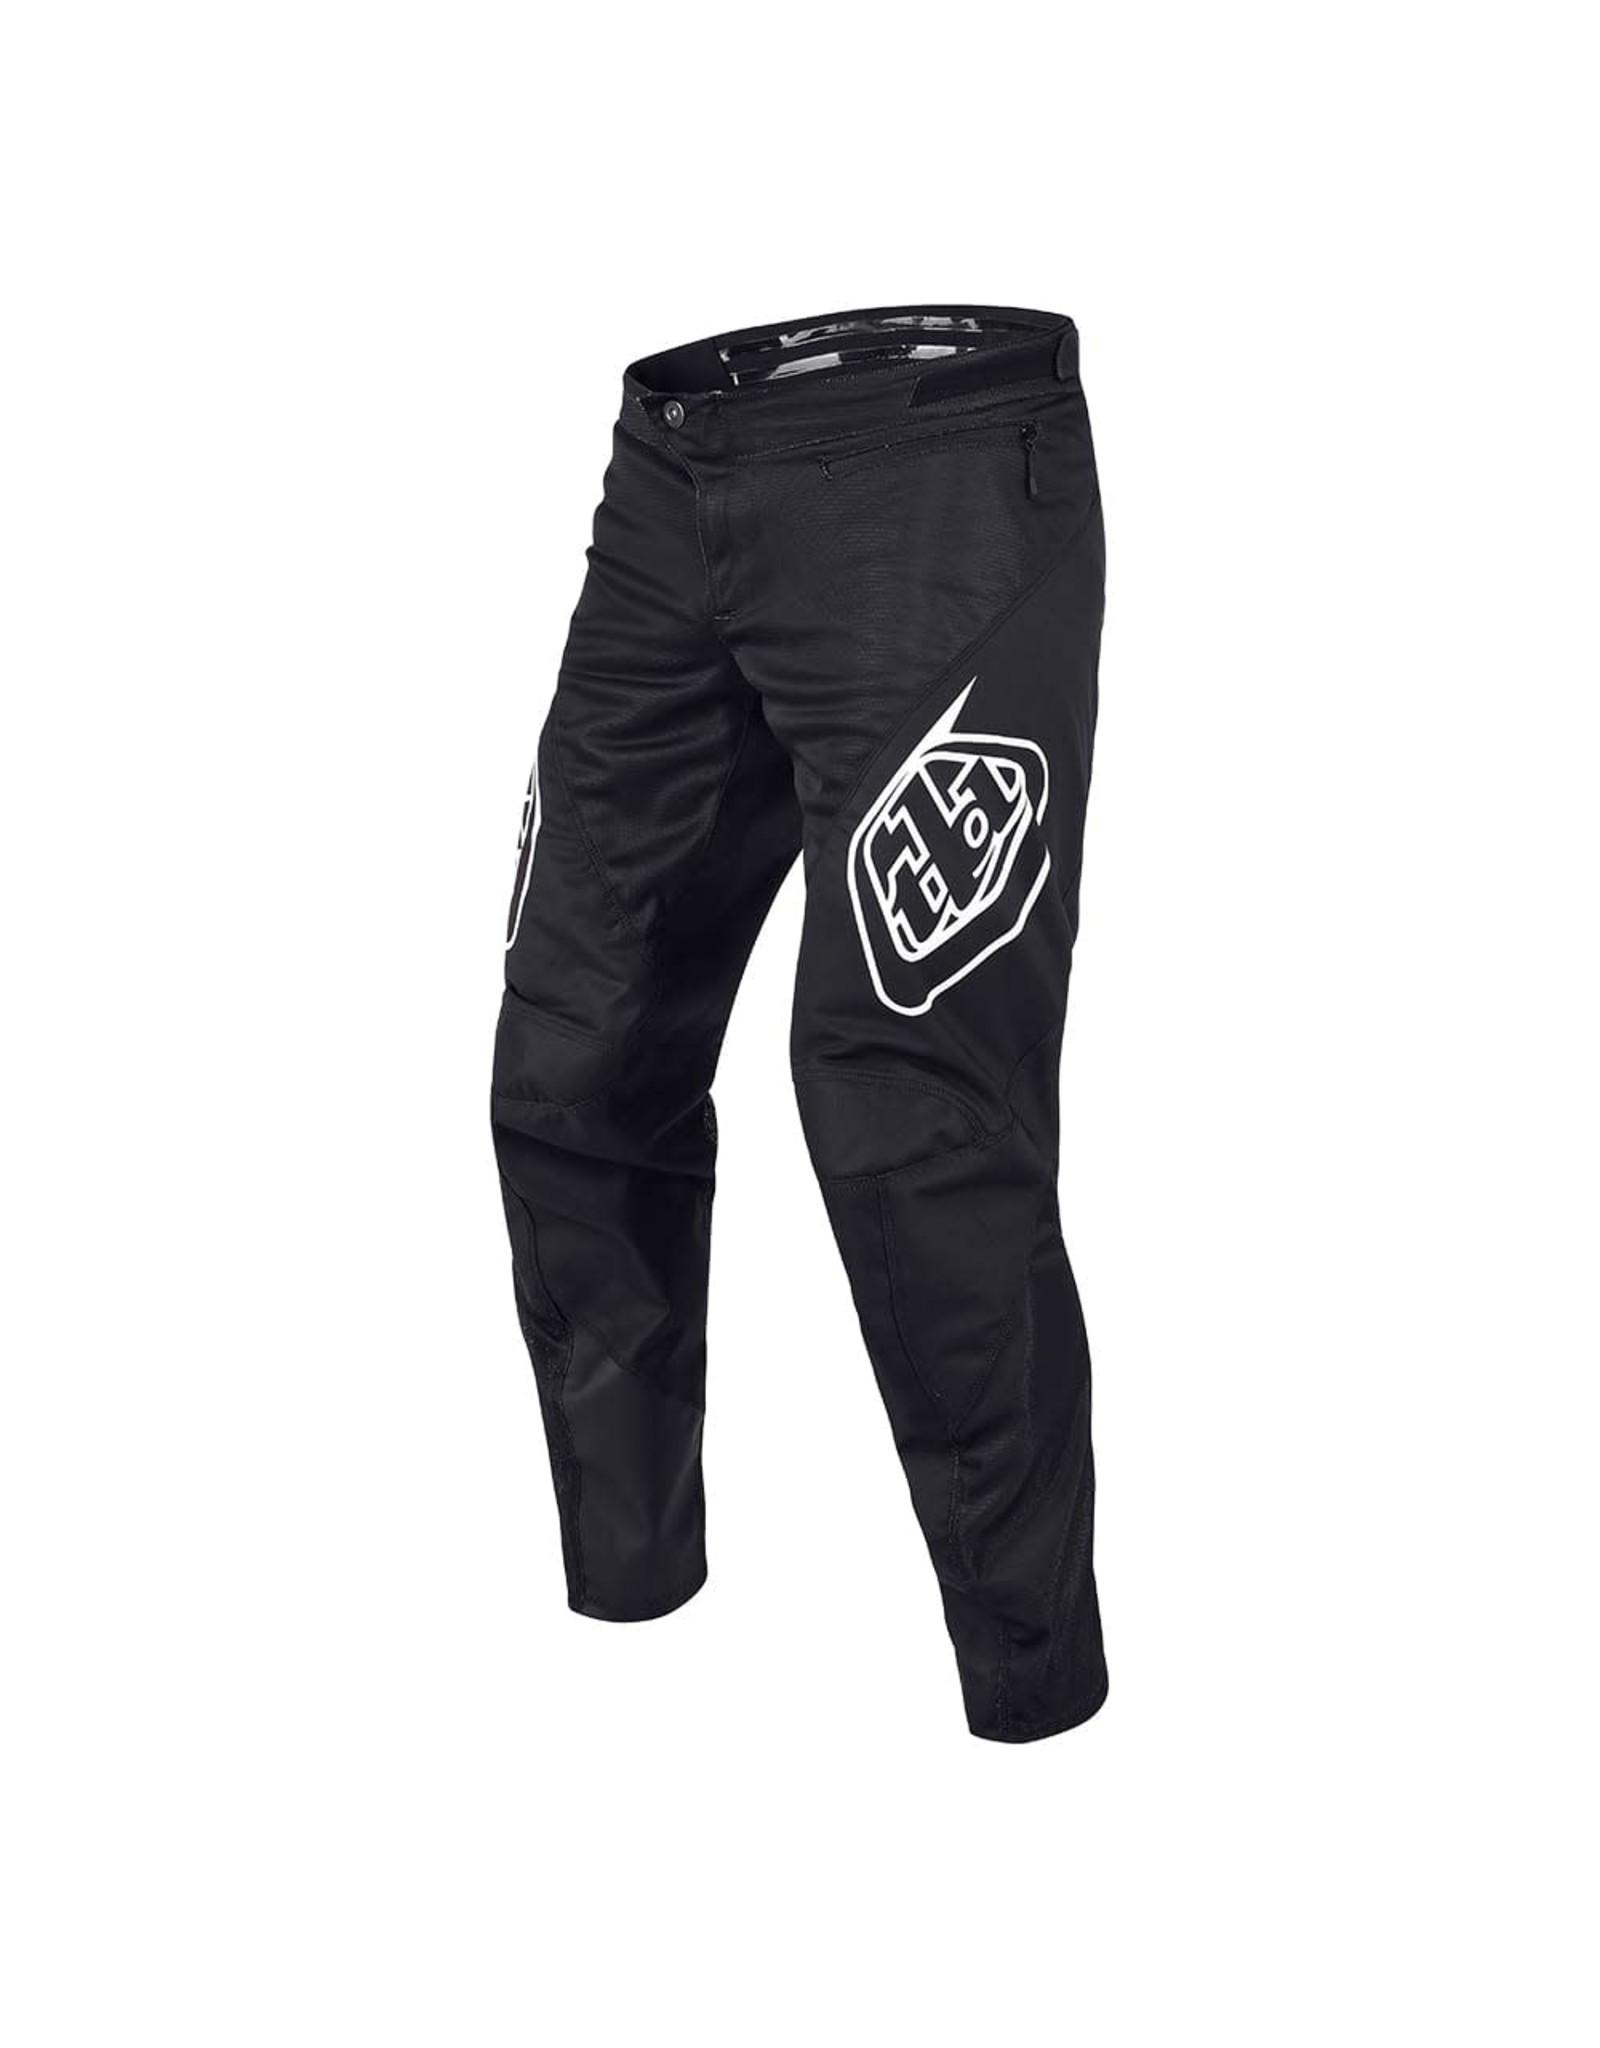 Troy Lee Designs Pants Troy Lee Designs Sprint